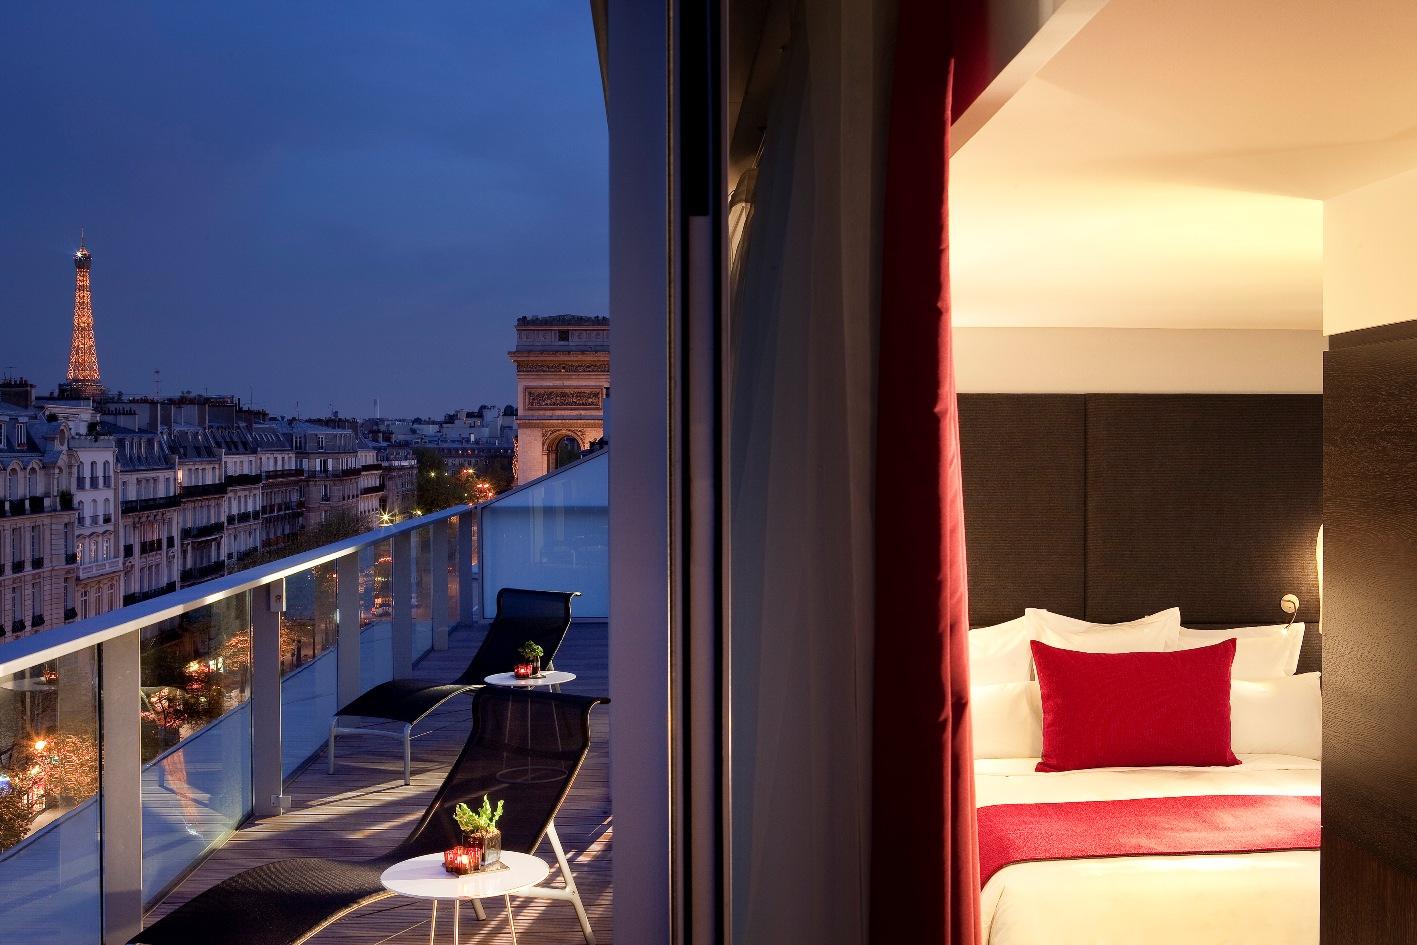 Paris Arc de Triomphe Luxury Hotel Room